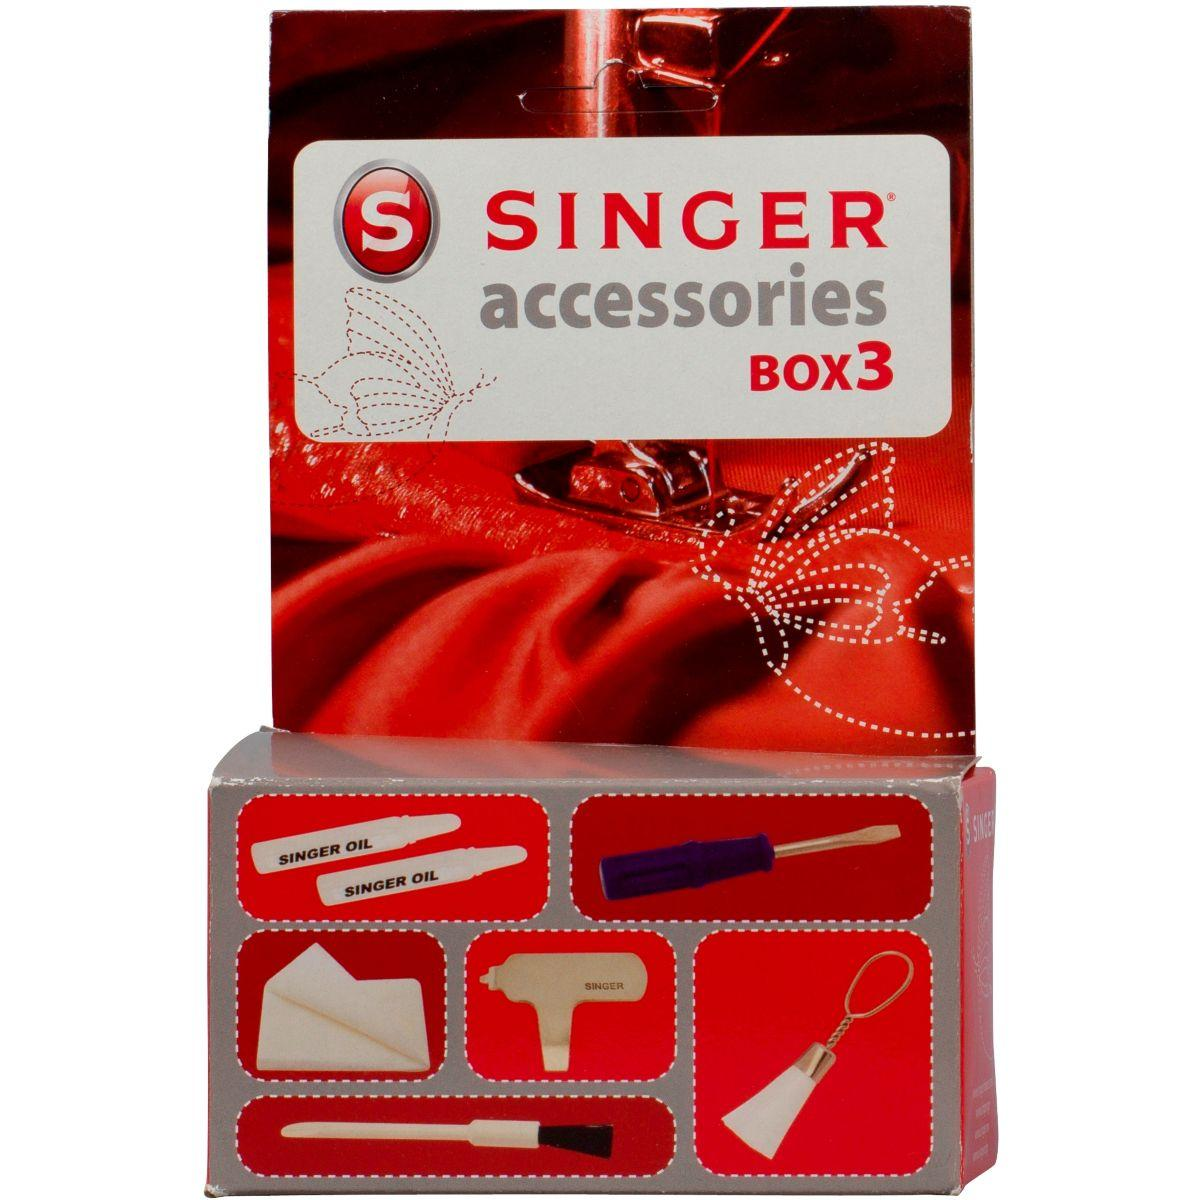 Ciseaux singer box3 - 5% de remise imm�diate avec le code : cadeau5 (photo)